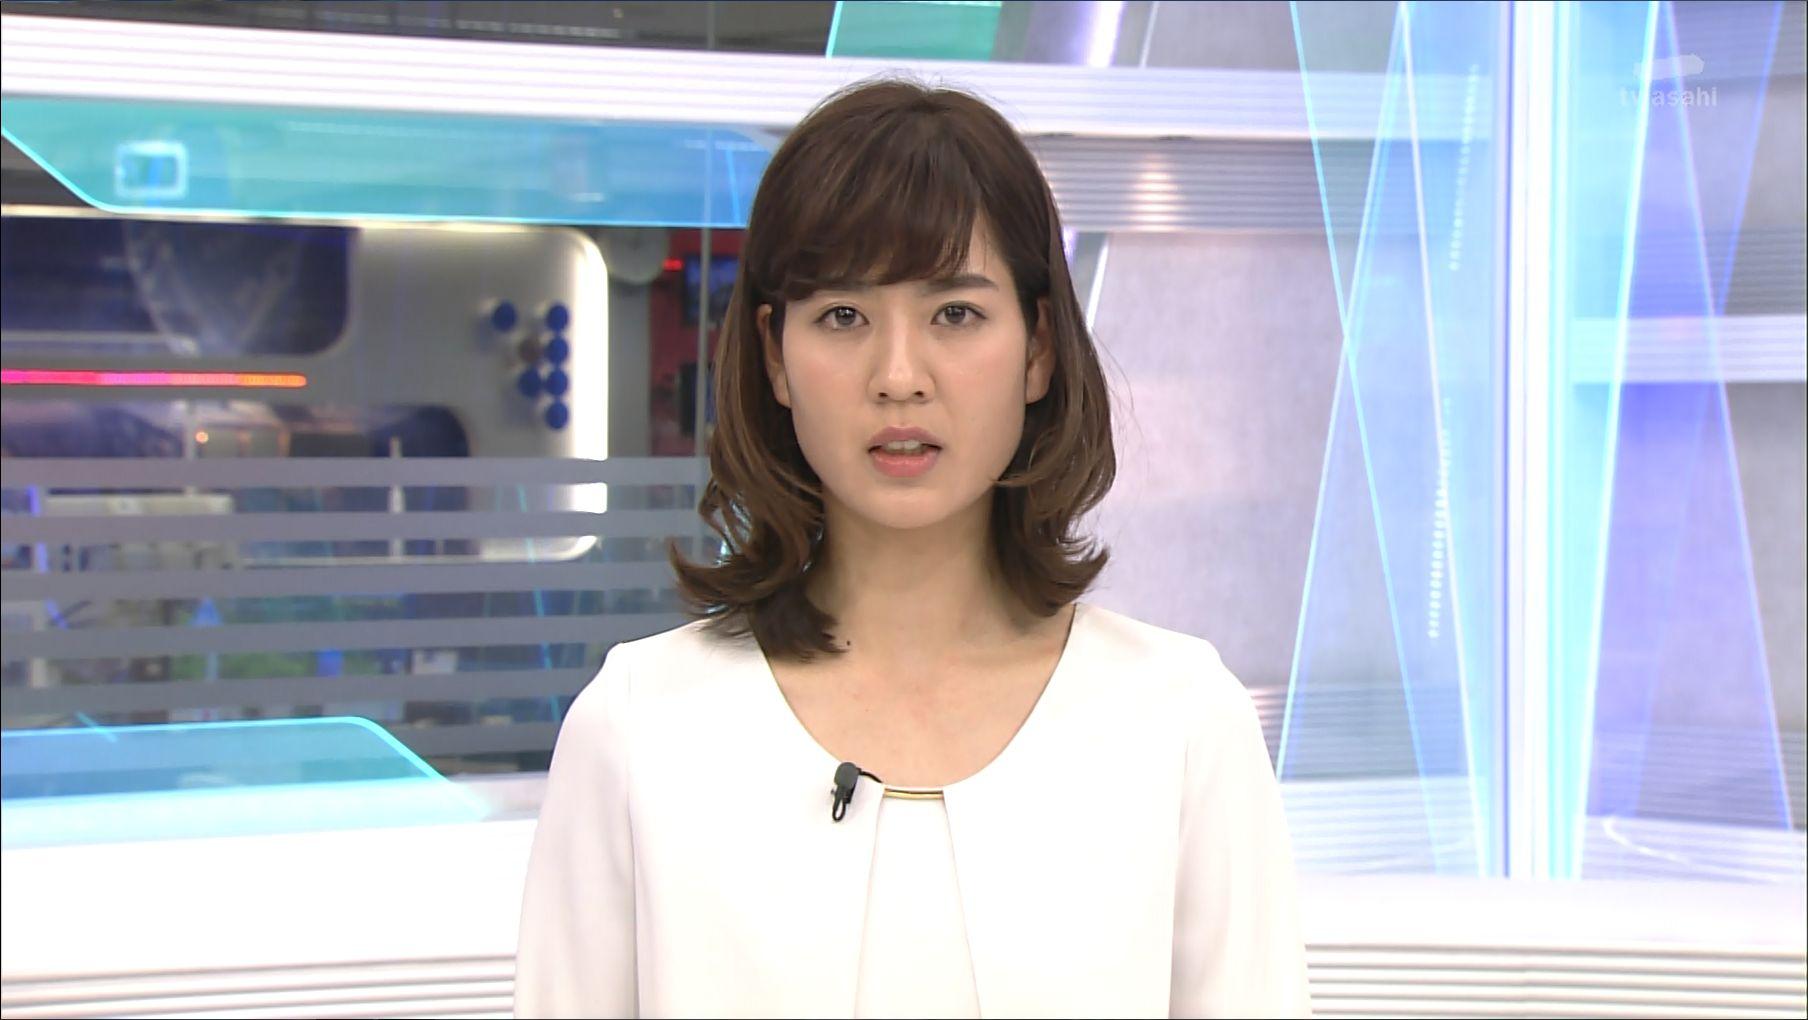 テレビ朝日の桝田沙也香アナがかわいい!気になるカップや身長は?